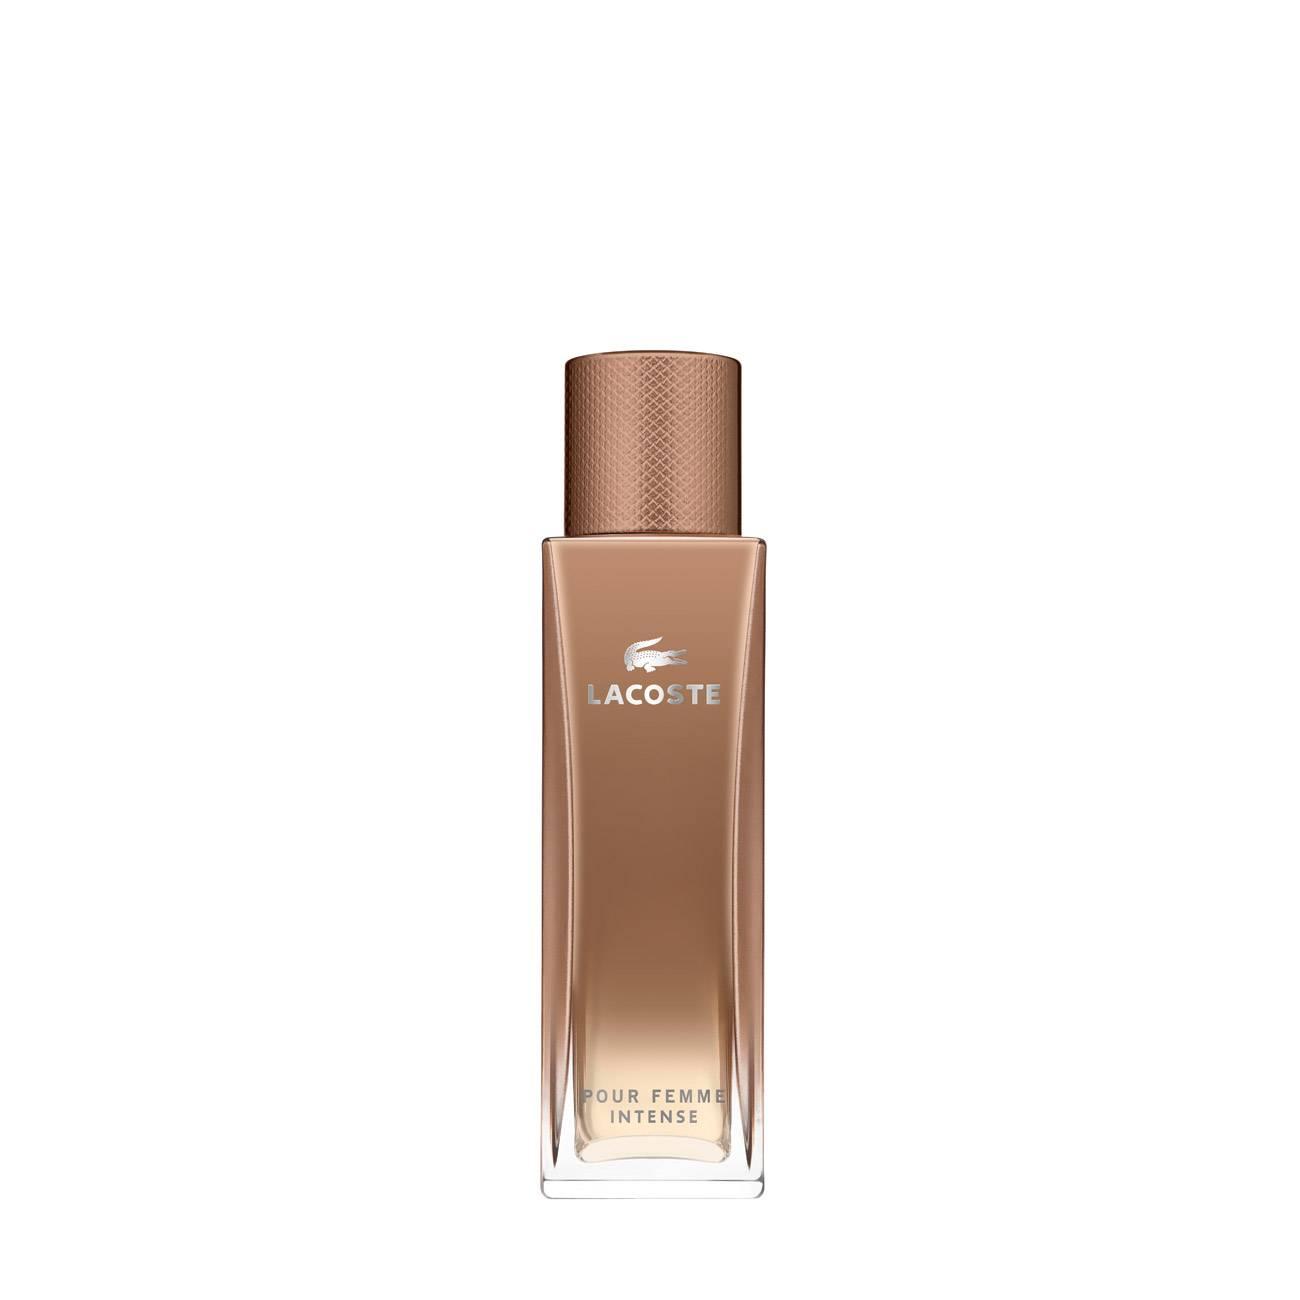 Lacoste Lacoste Pour Femme Intense Apa De Parfum 50ml Bestvalue